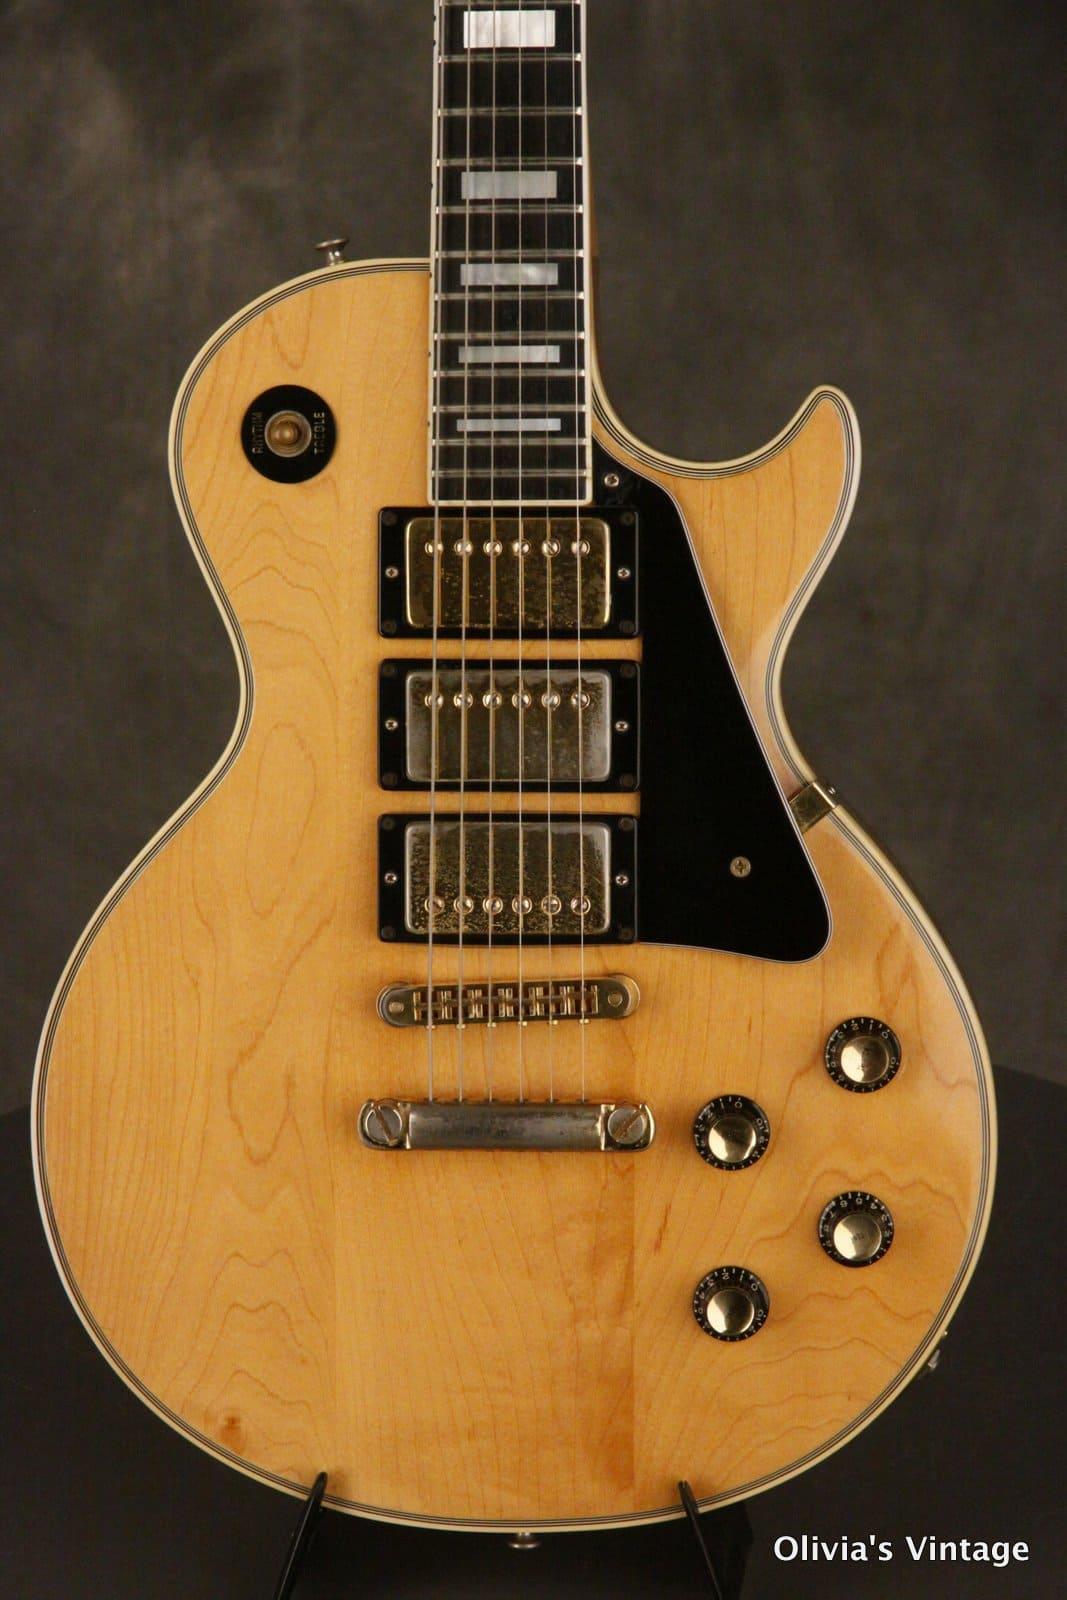 Gibson Les Paul Custom 3 Pickups 1976 Natural Reverb